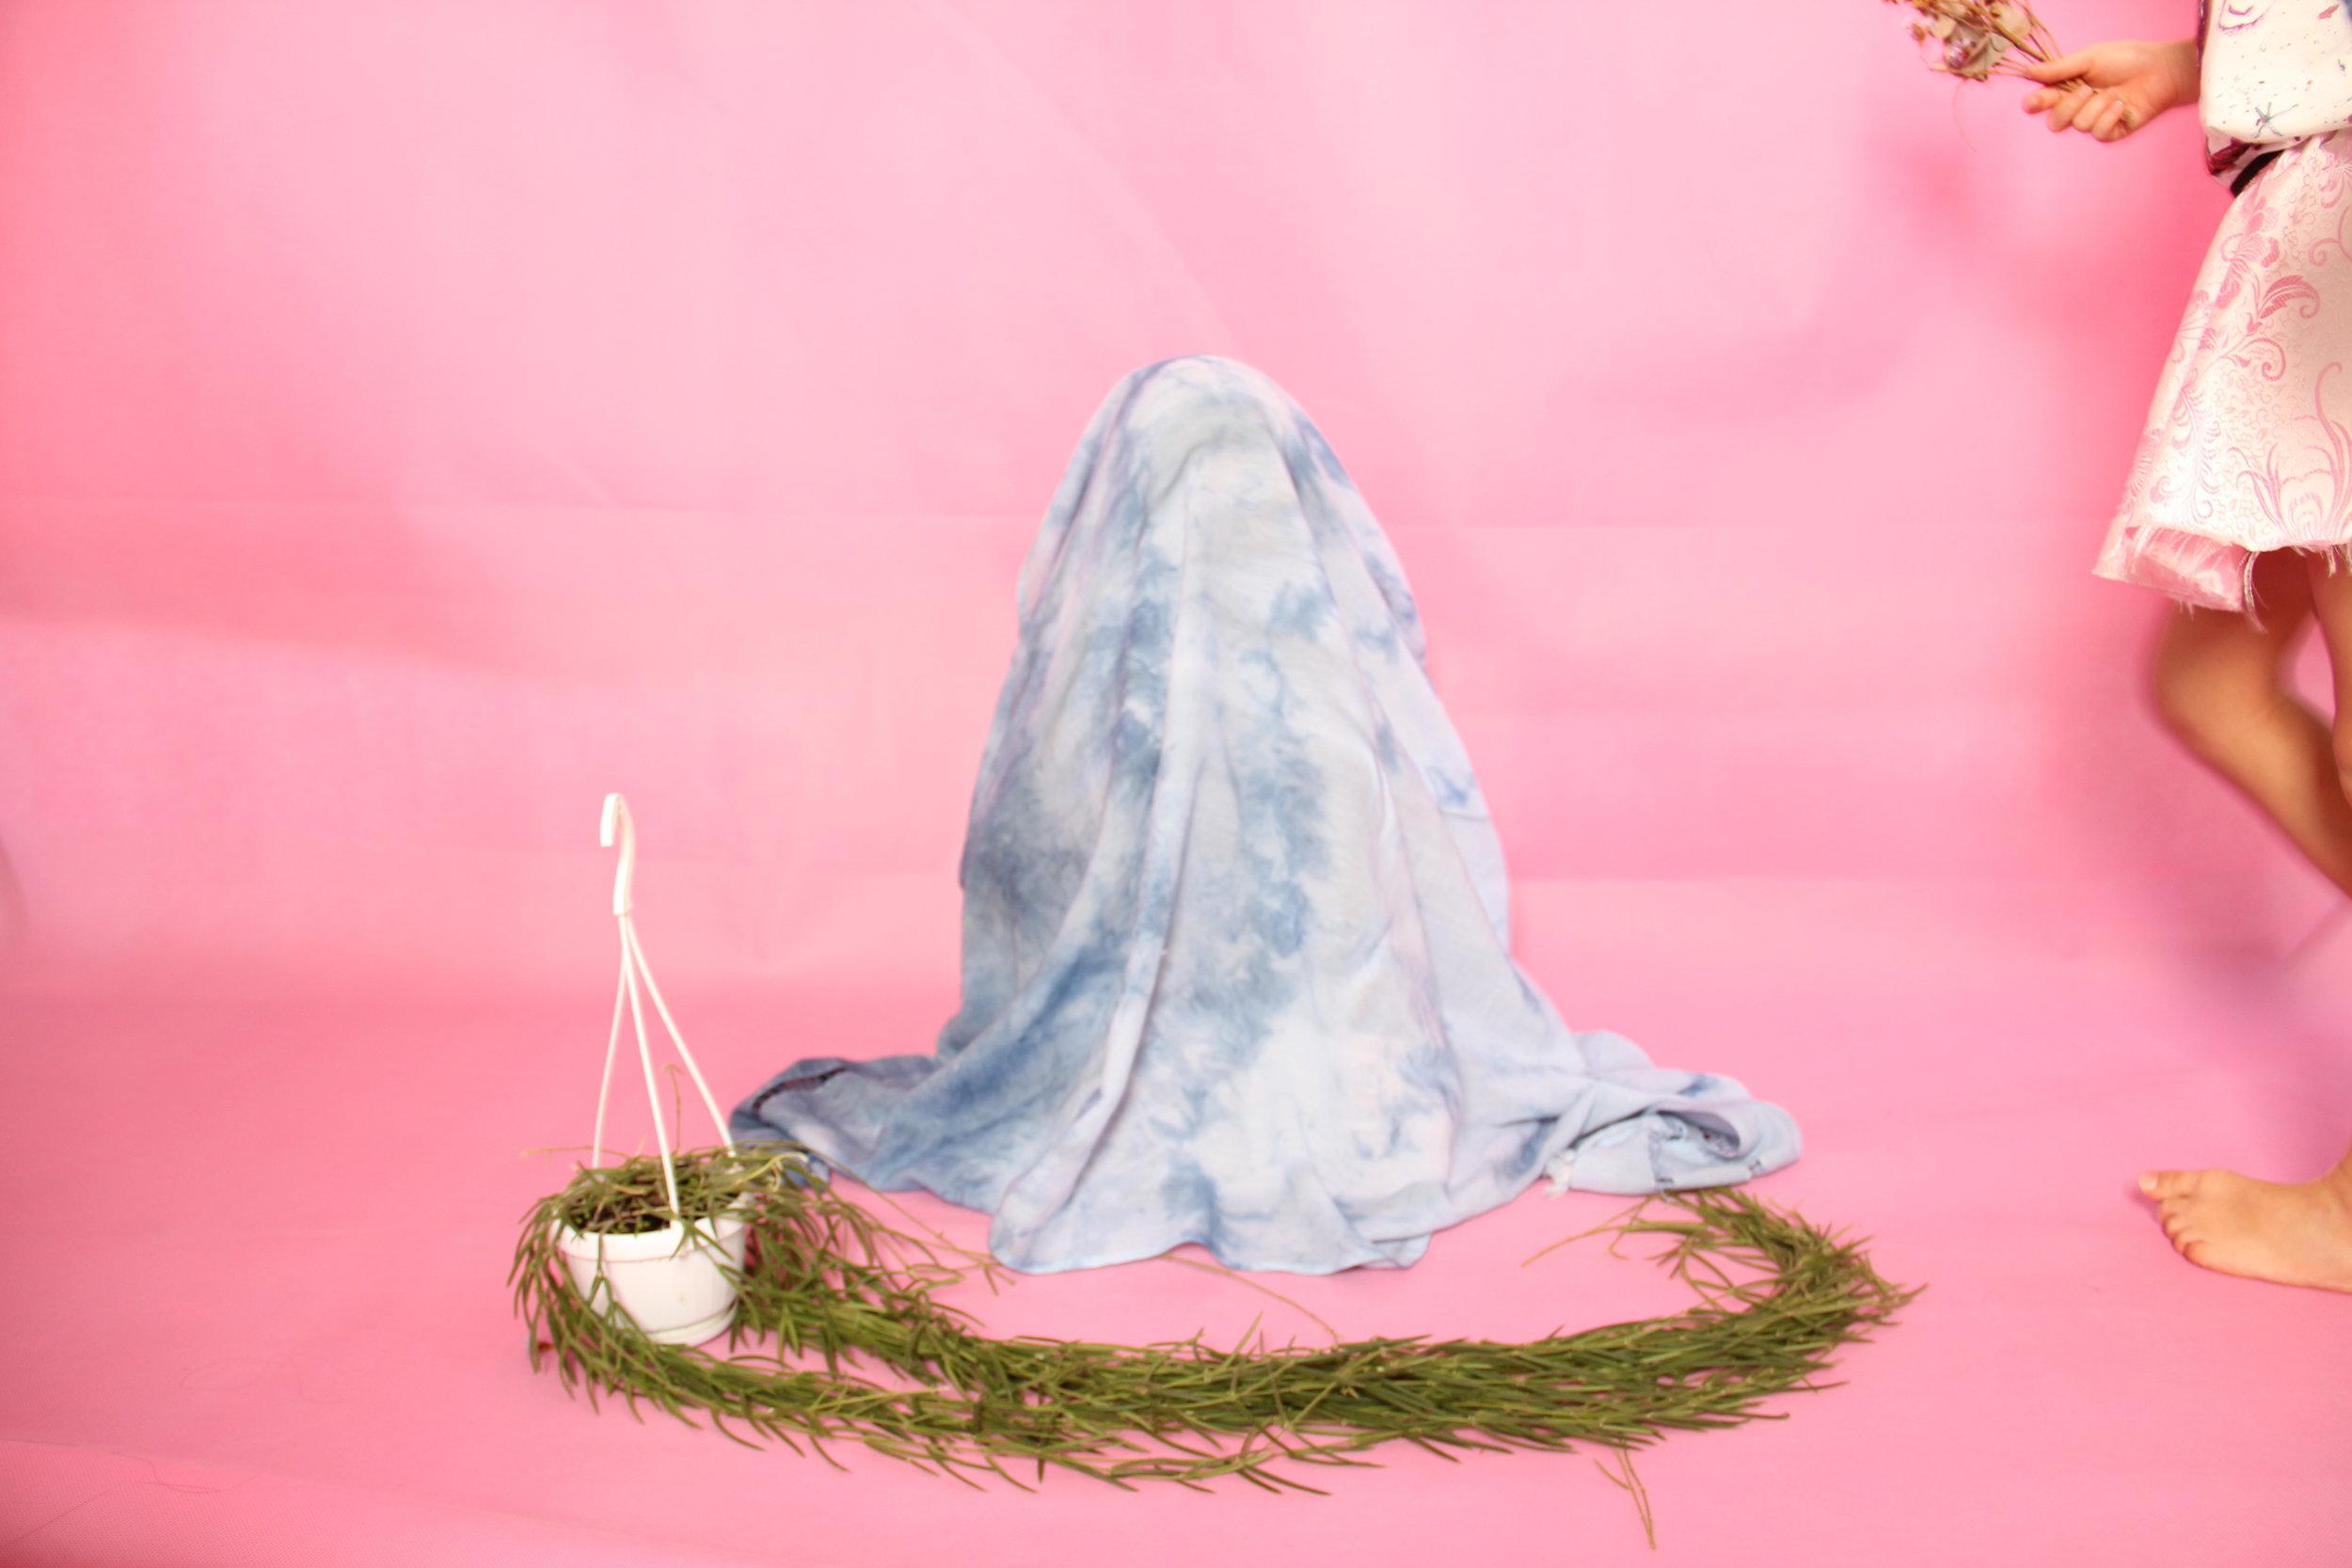 Shibori Dyed Linen Scarf  by Sophia Li  HK$99,999 (out of stock)